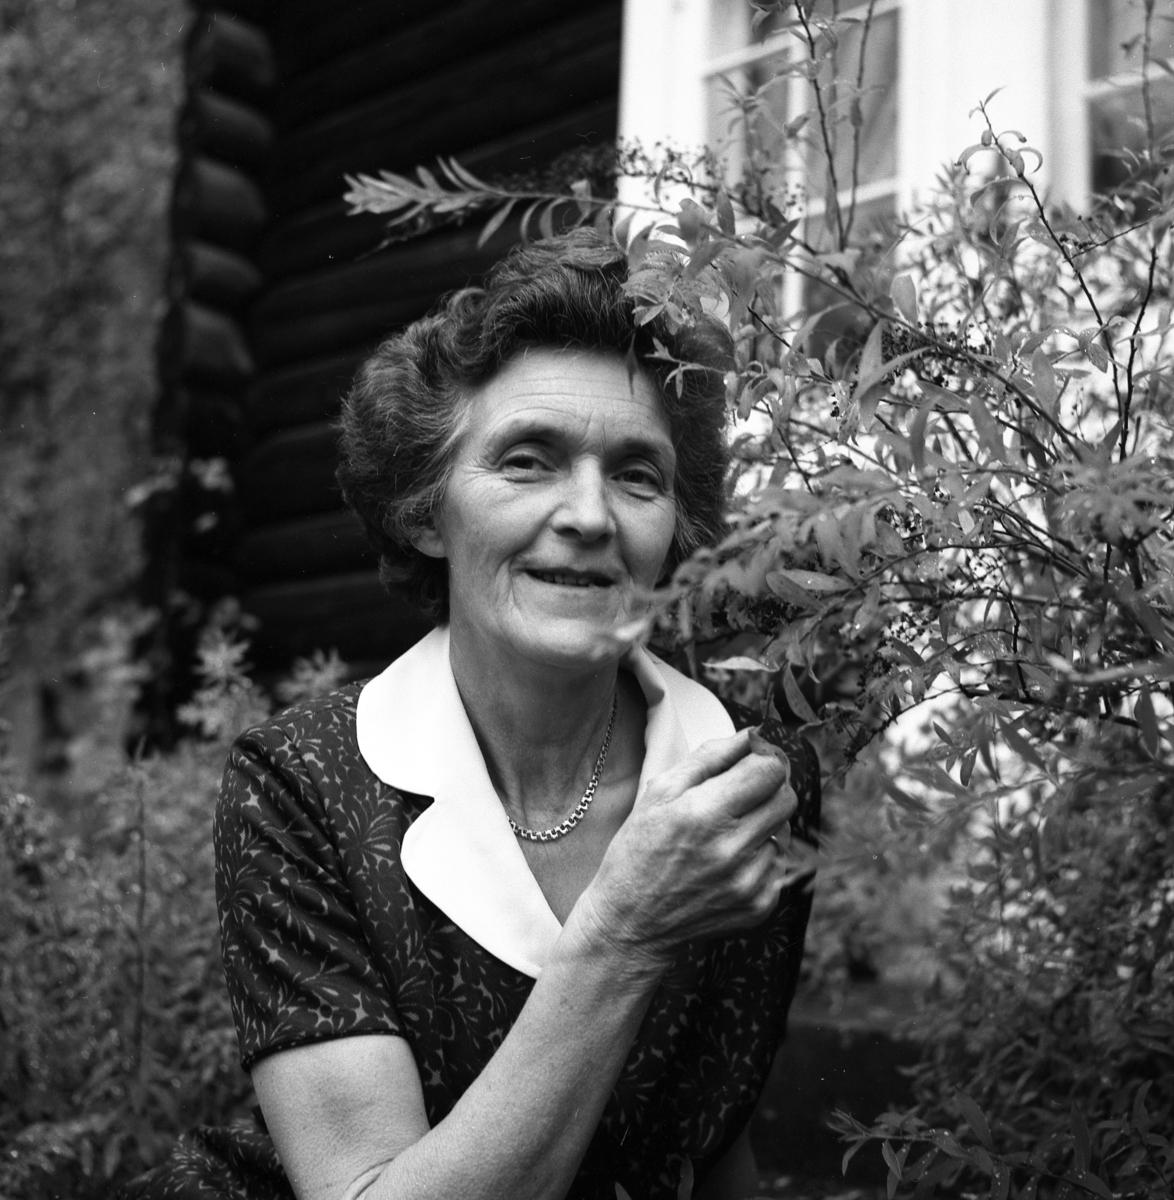 Margrethe Fønhus